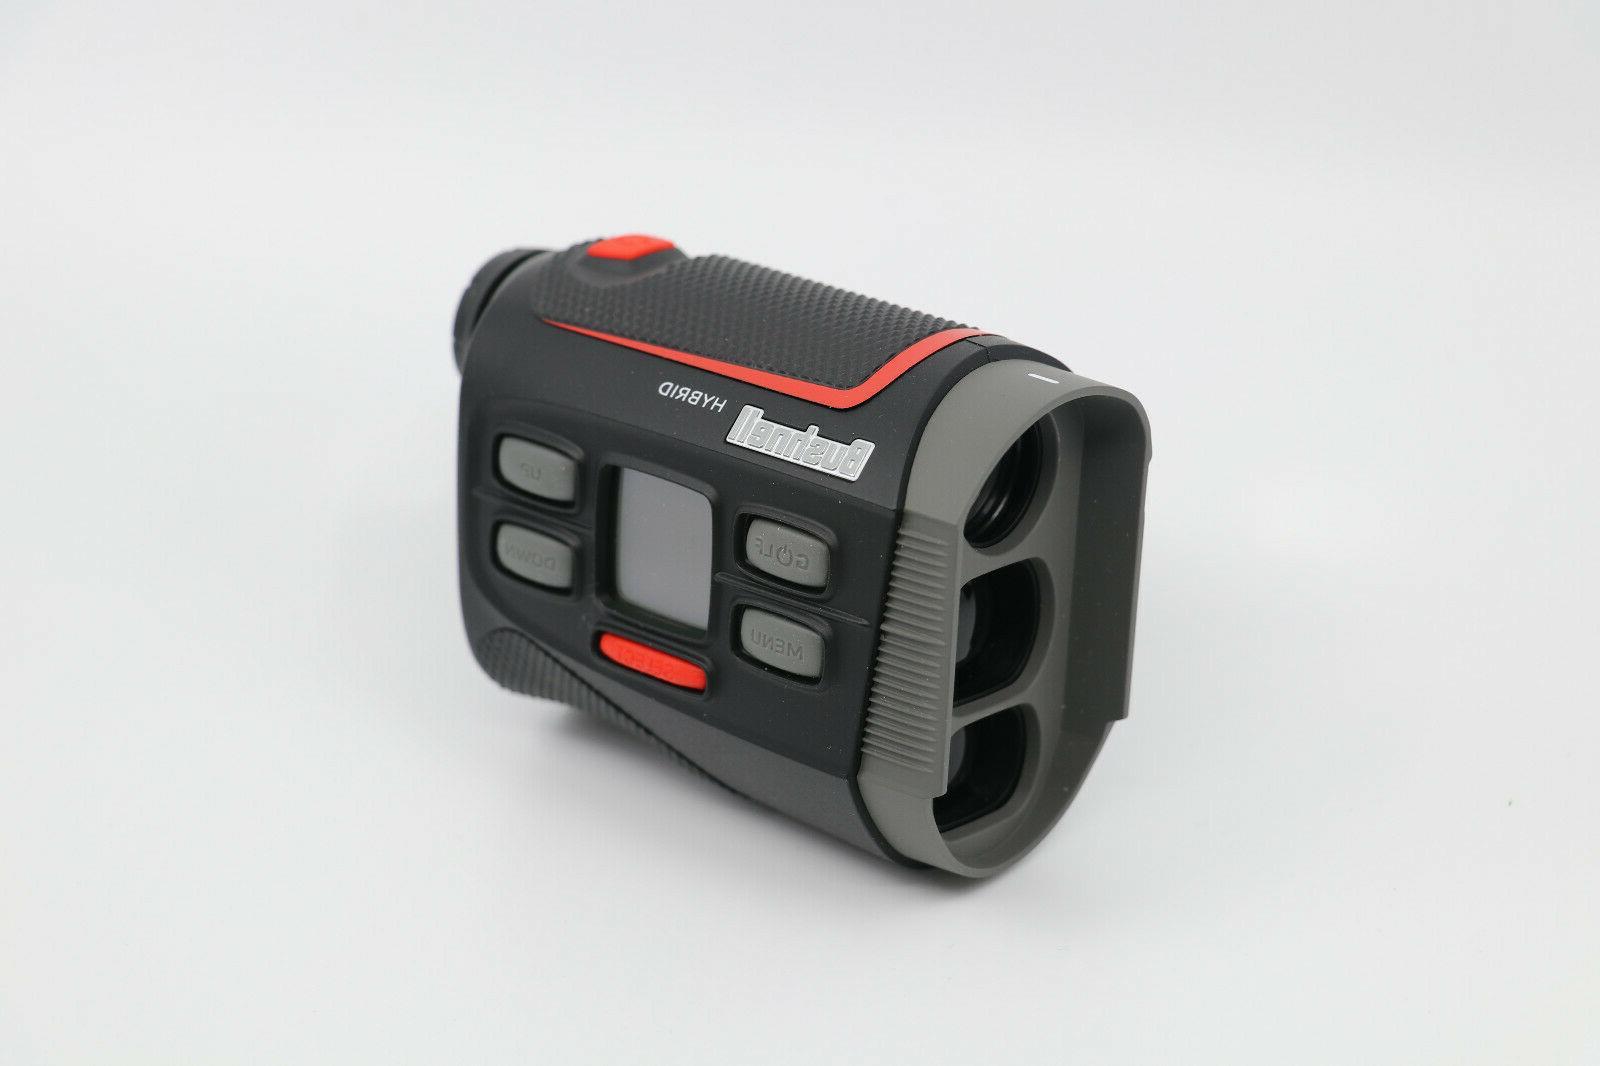 hybrid laser rangefinder golf gps open box